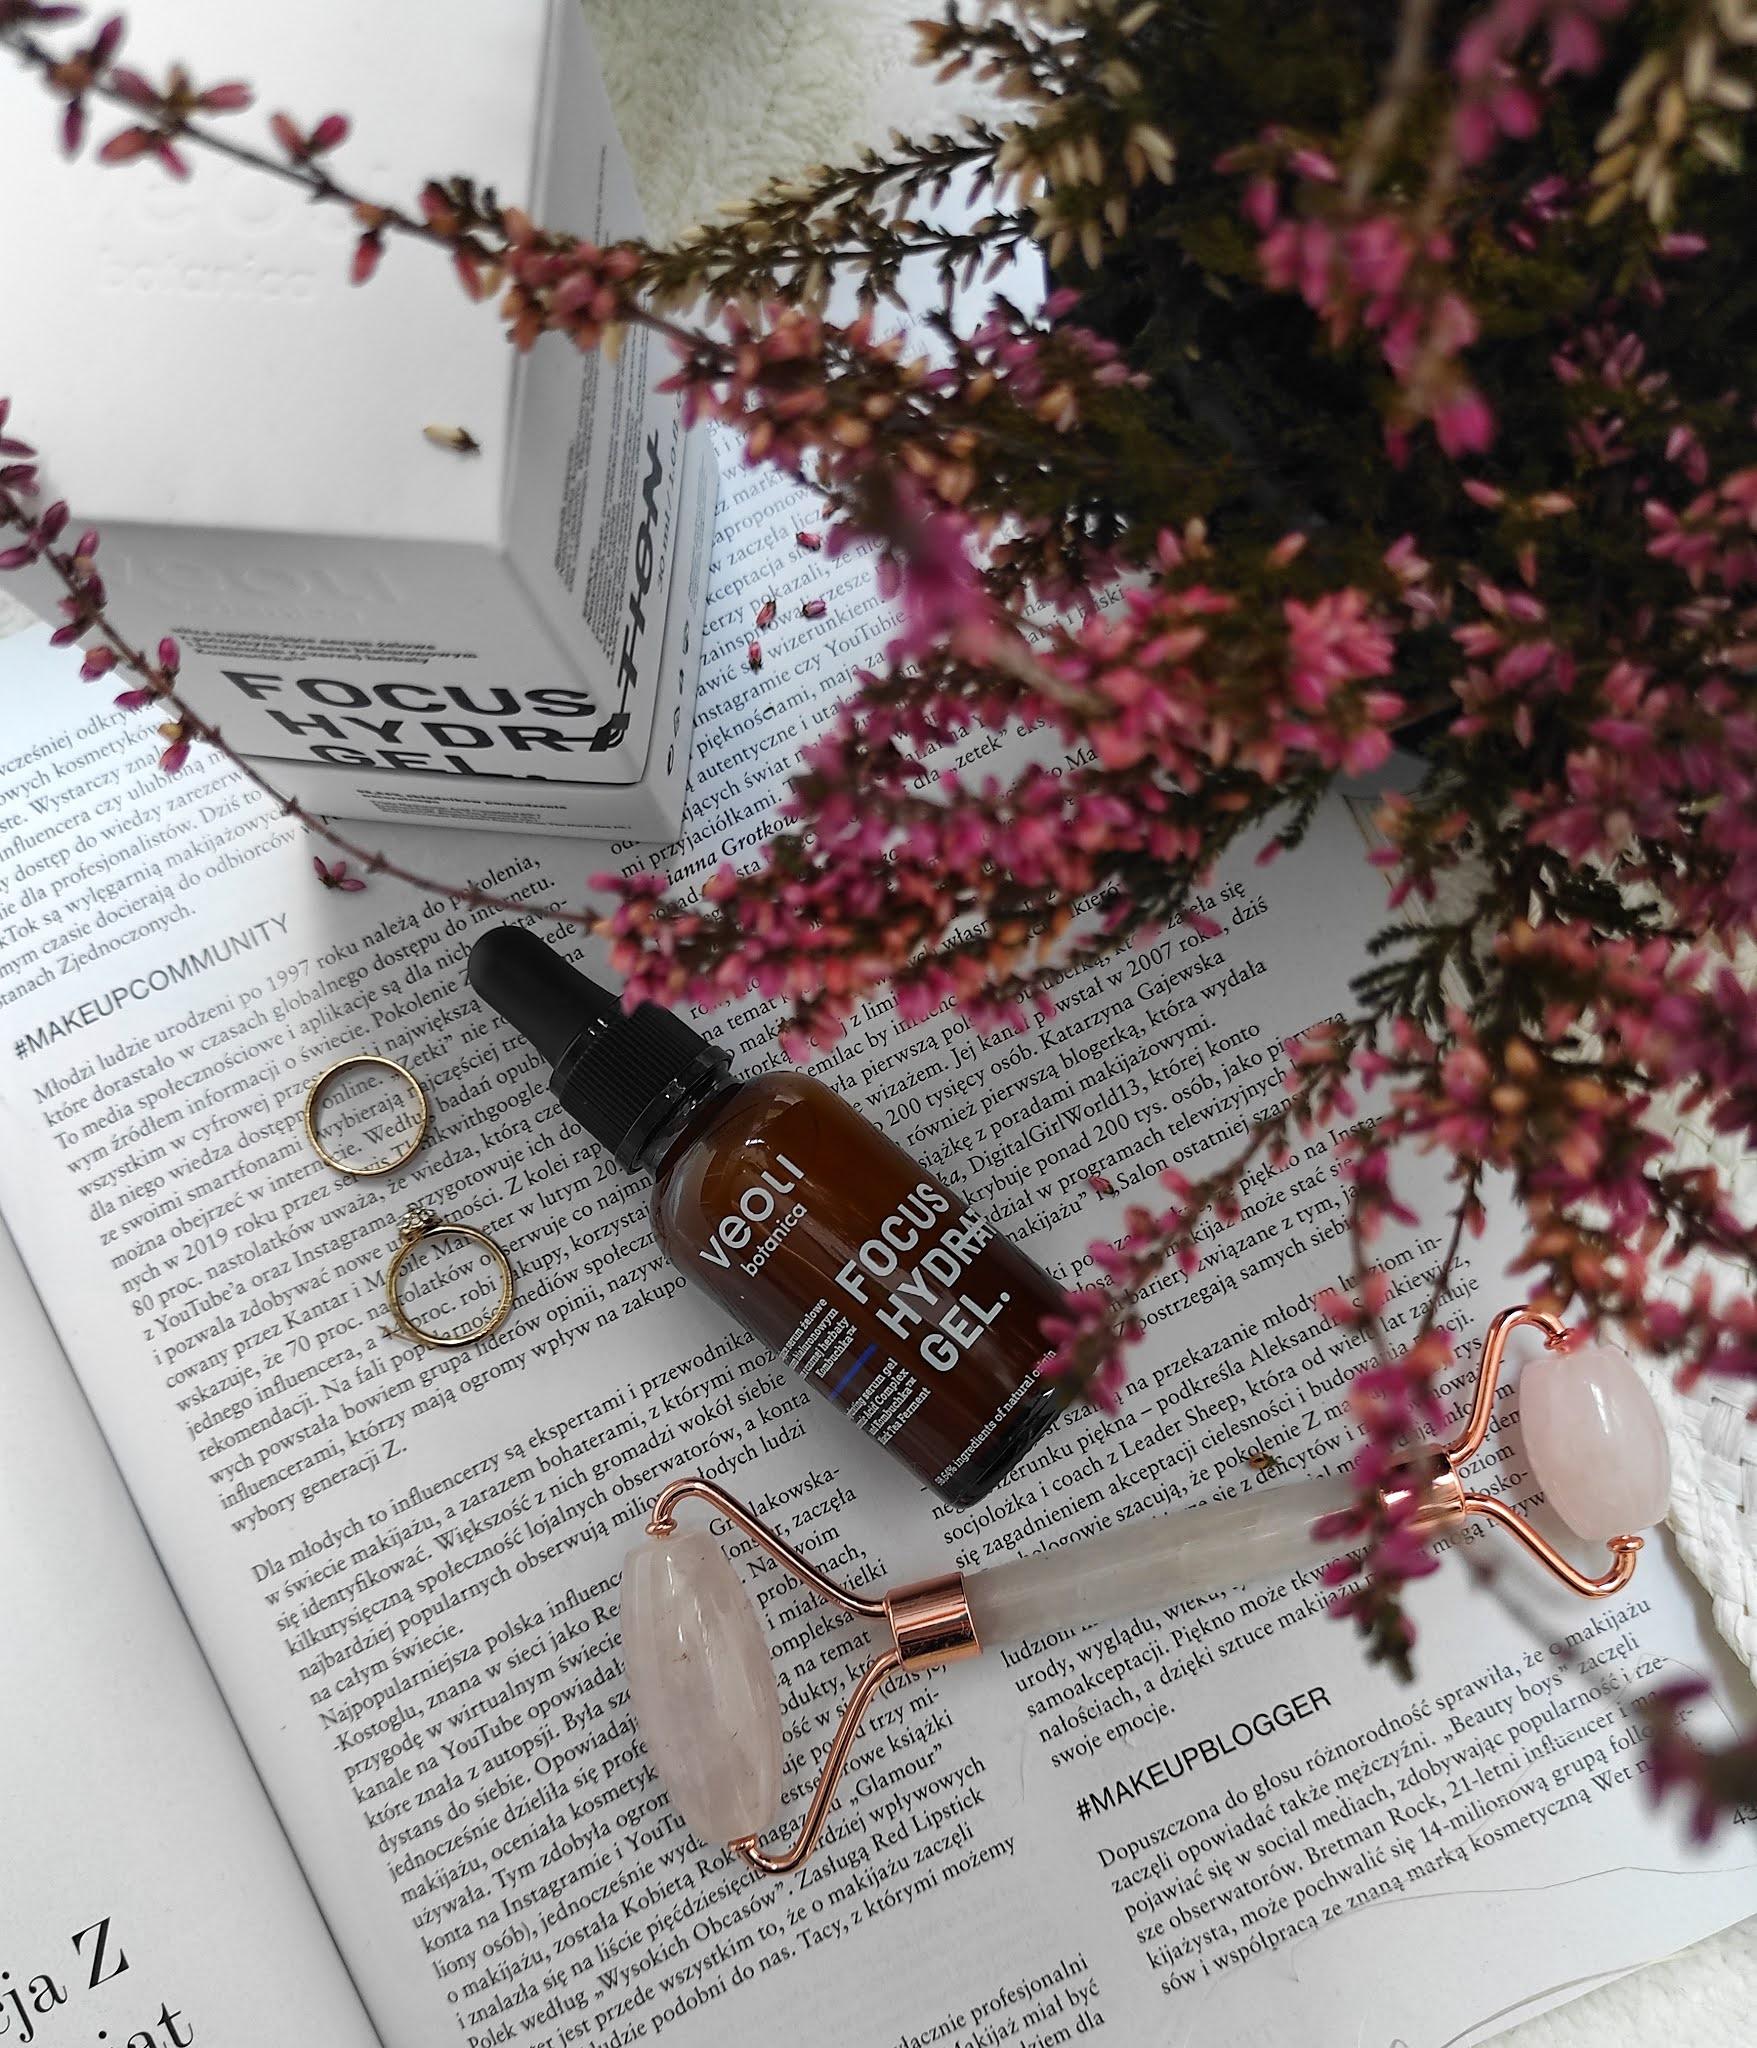 Focus Hydration Gel nawilżające serum żelowe z potrójnym kwasem hialuronowym i fermentem z czarnej herbaty kambuchka 98,64% składników pochodzenia naturalnego